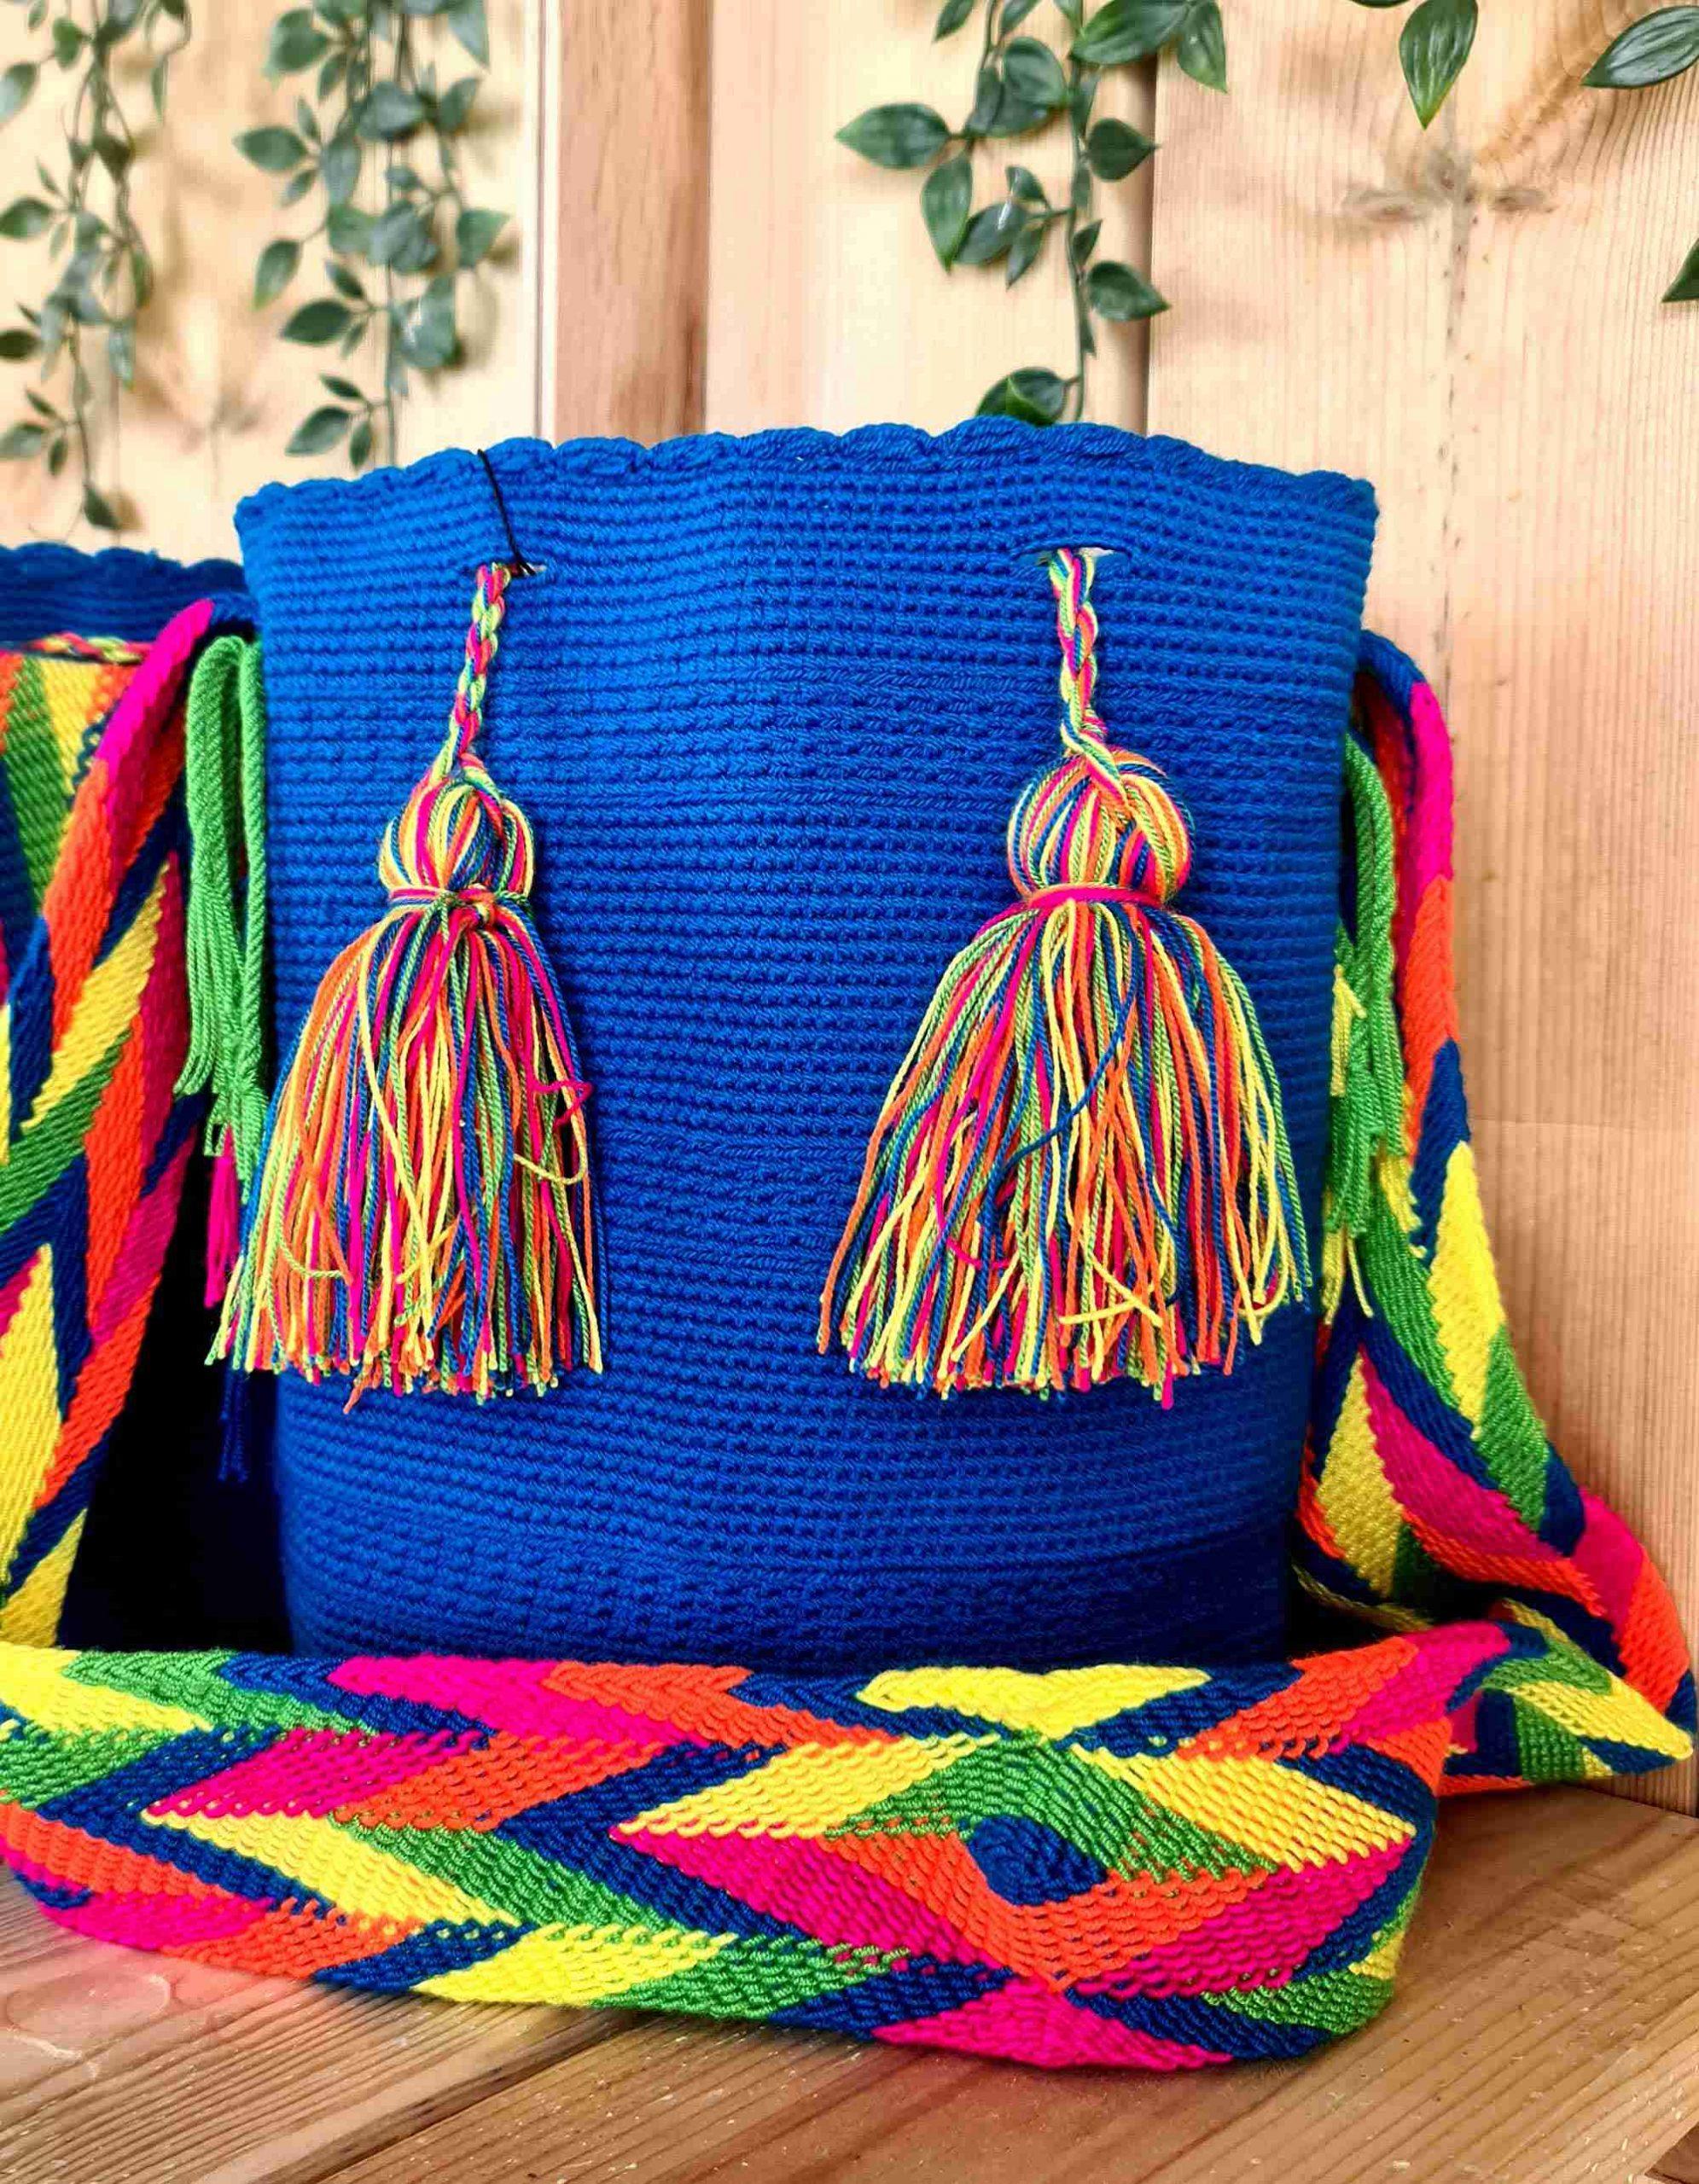 Bolso Wayuu Original Auténtico (sólo 1 igual), color azul con correa naranja, verde y amarillo.